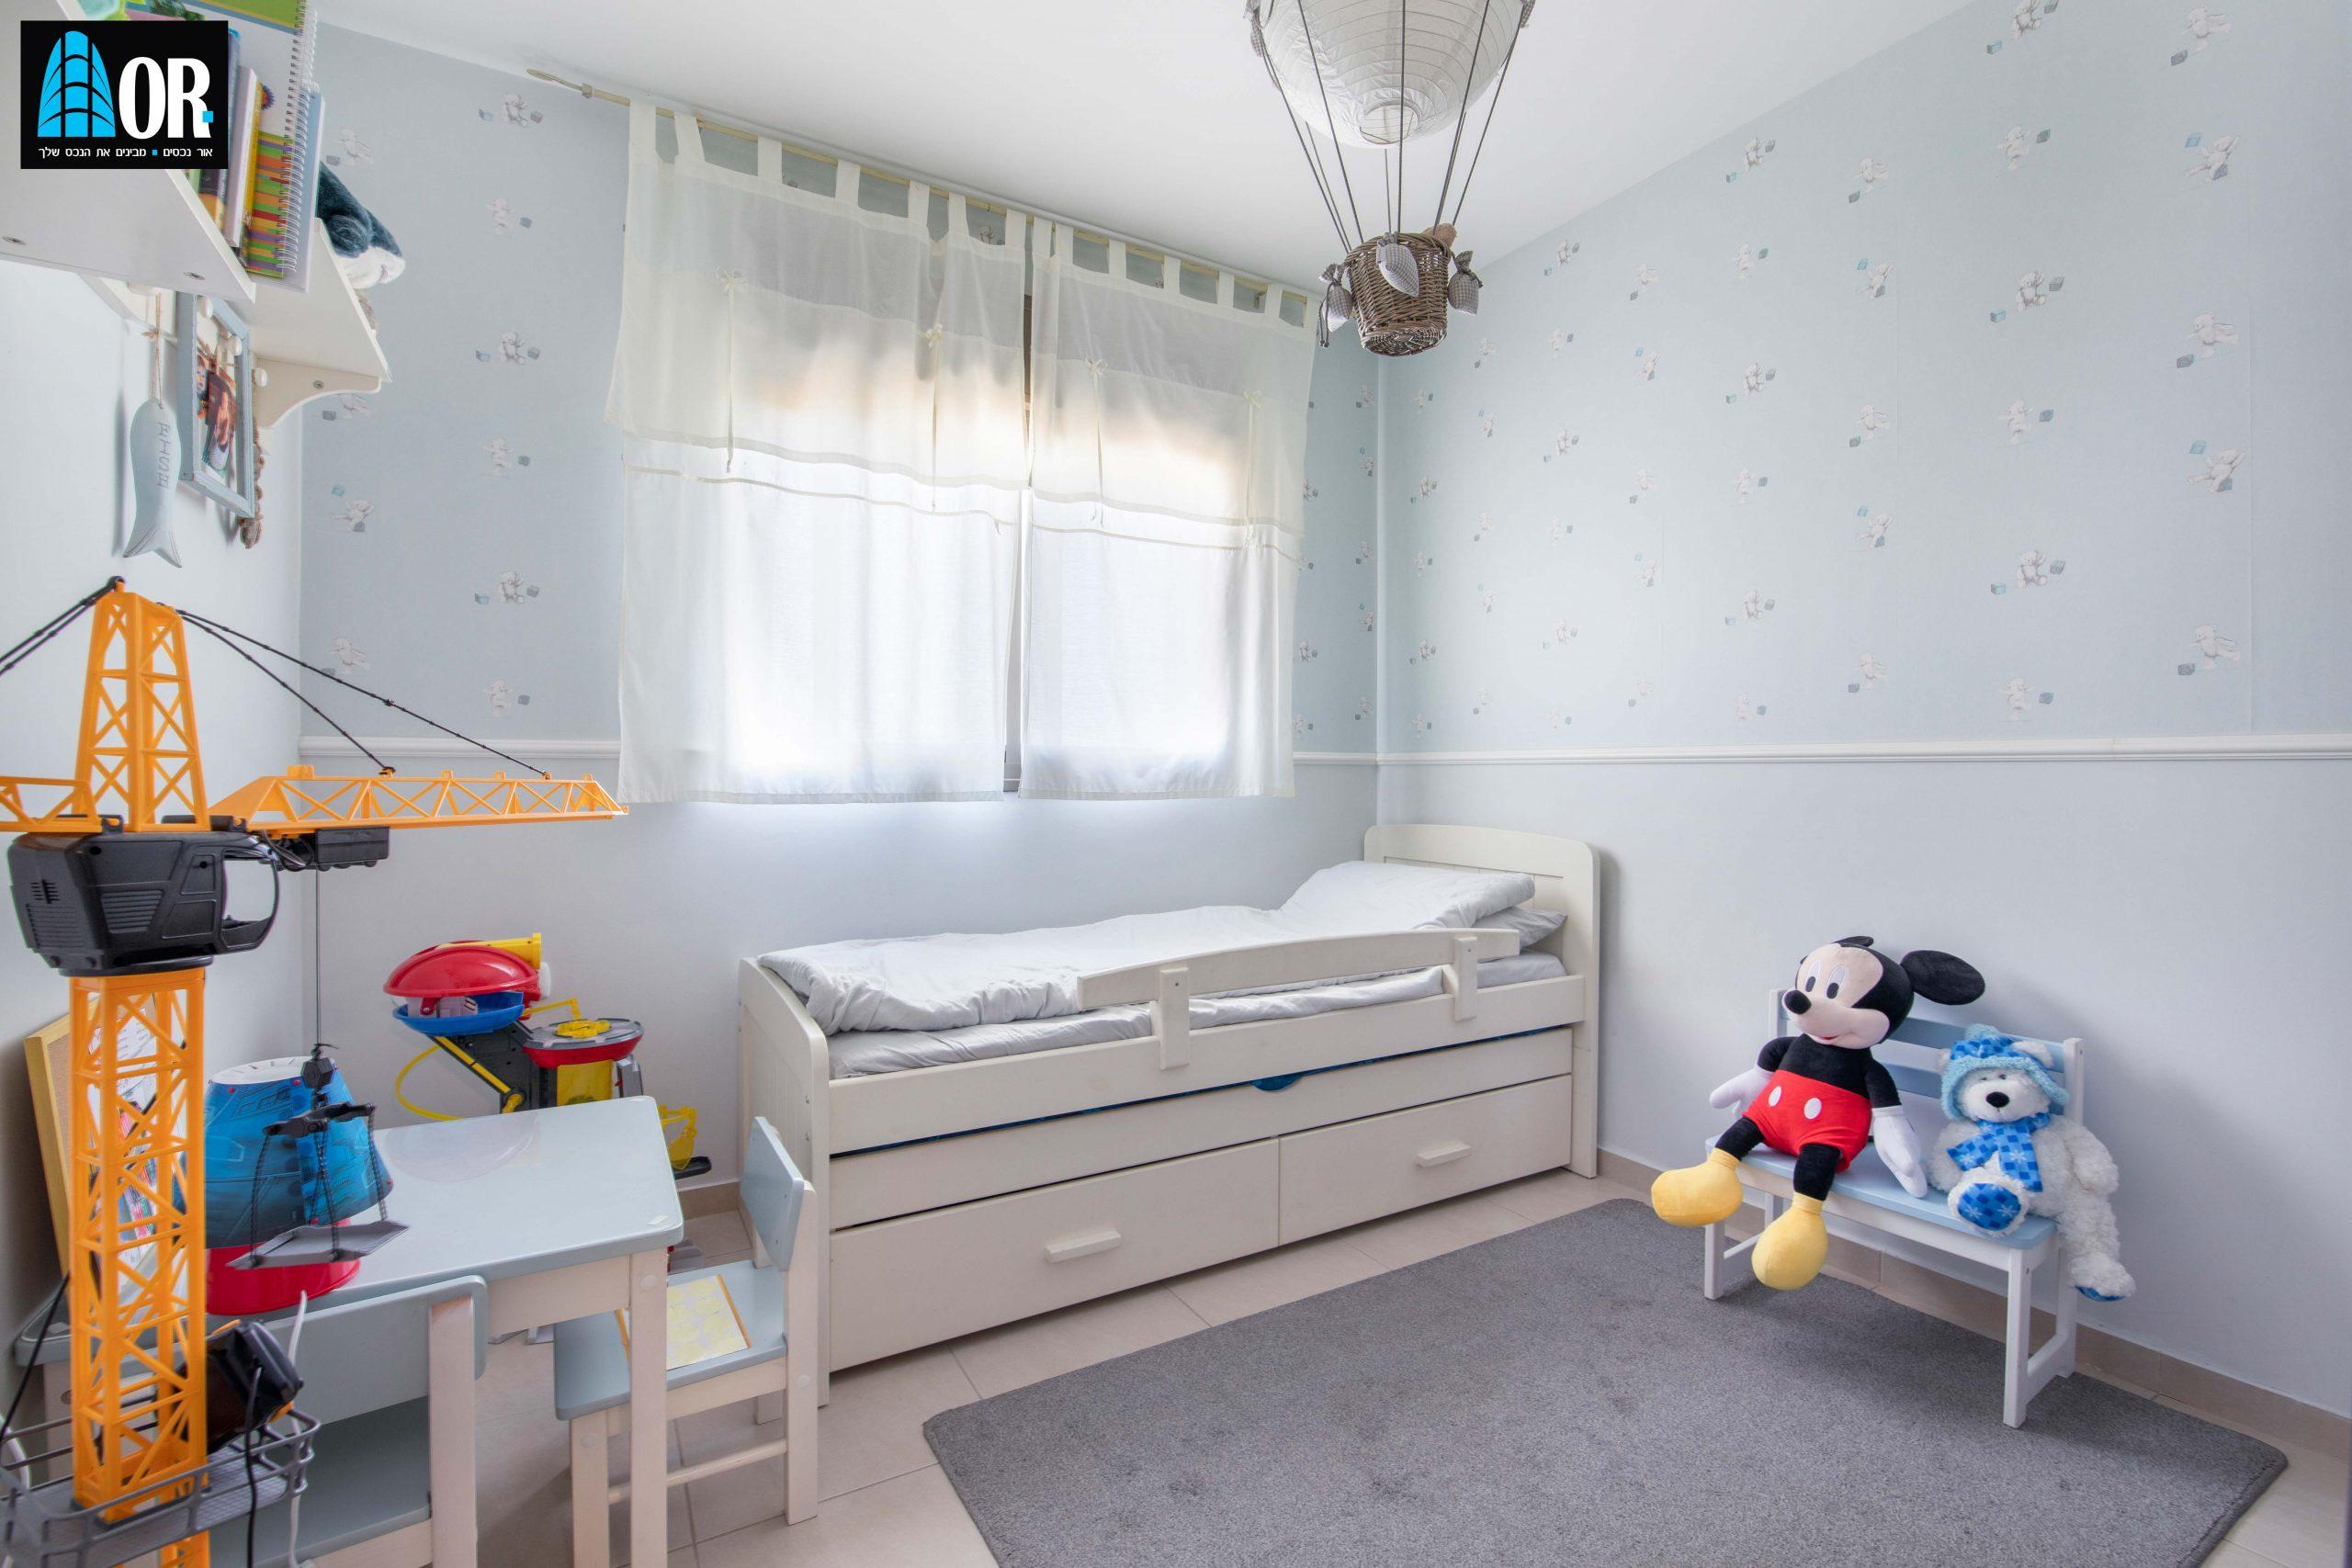 חדר ילדים דירה 4 חדרים שכונה תלמי מנשה